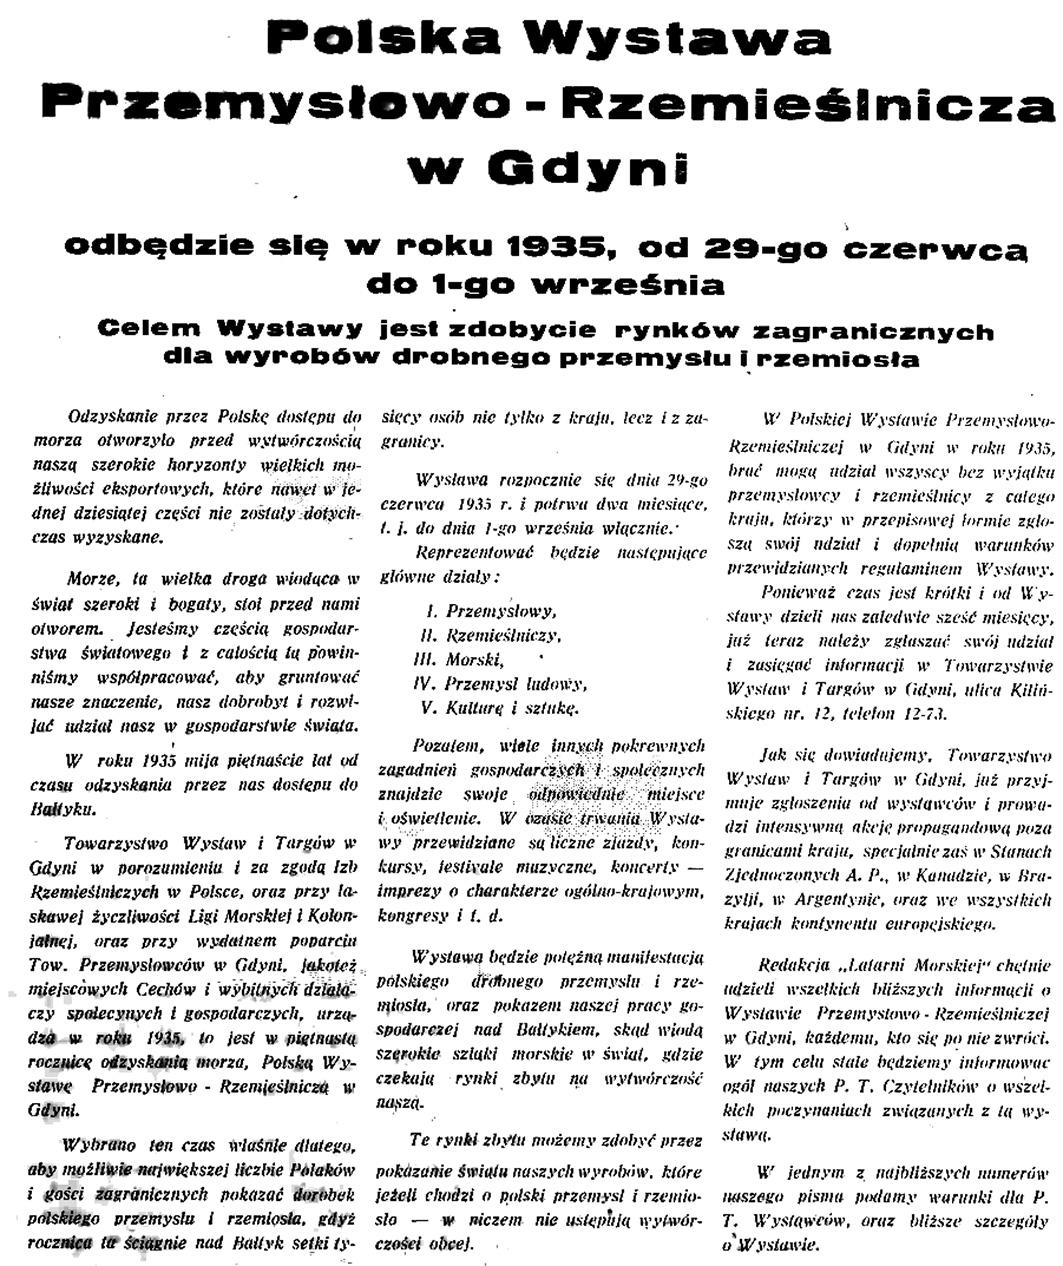 Polska Wystawa Przemysłowo - Rzemieślnicza w Gdyni odbędzie się w roku 1935, od 29 czerwca do 1-go września Celem Wystawy jest zdobycie ryków zagranicznych dla wyrobów drobnego przemysłu i rzemiosła // Latarnia Morska. - 1934, nr 46, s. 4